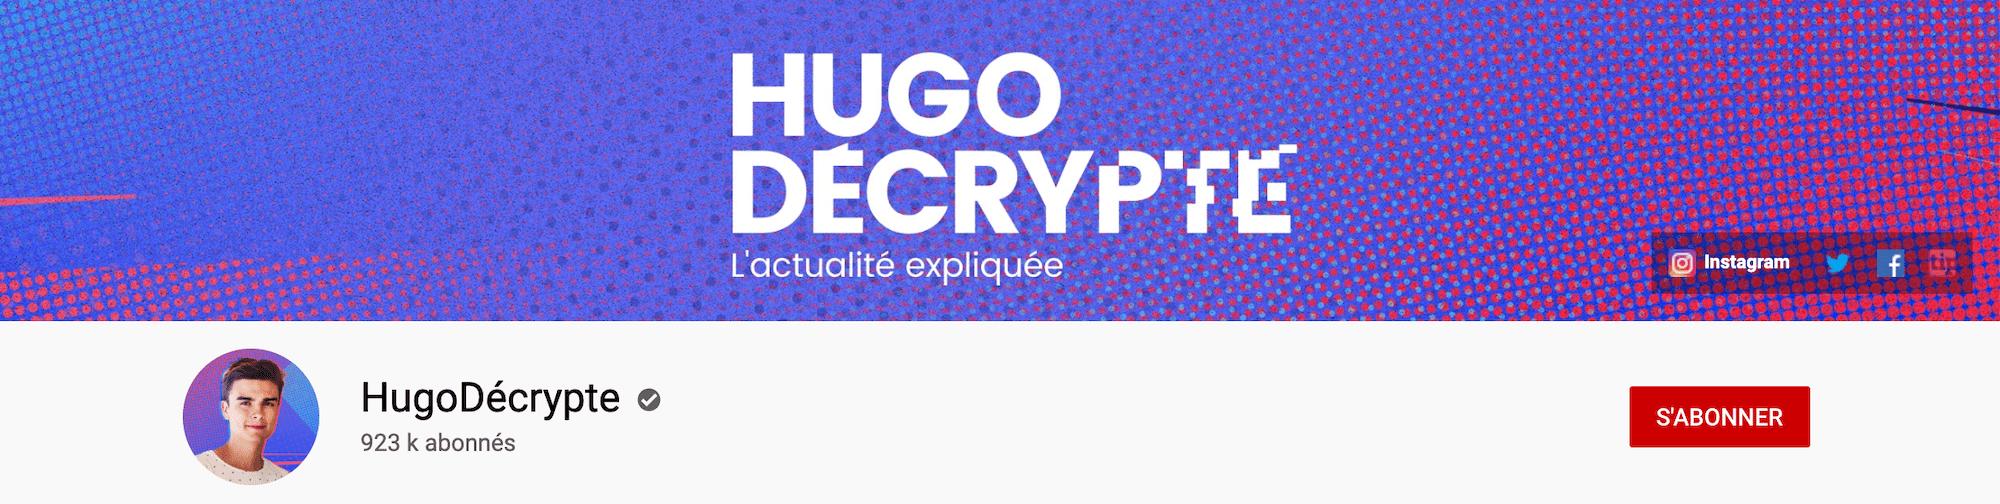 Bannière Youtube de Hugo Décrypte